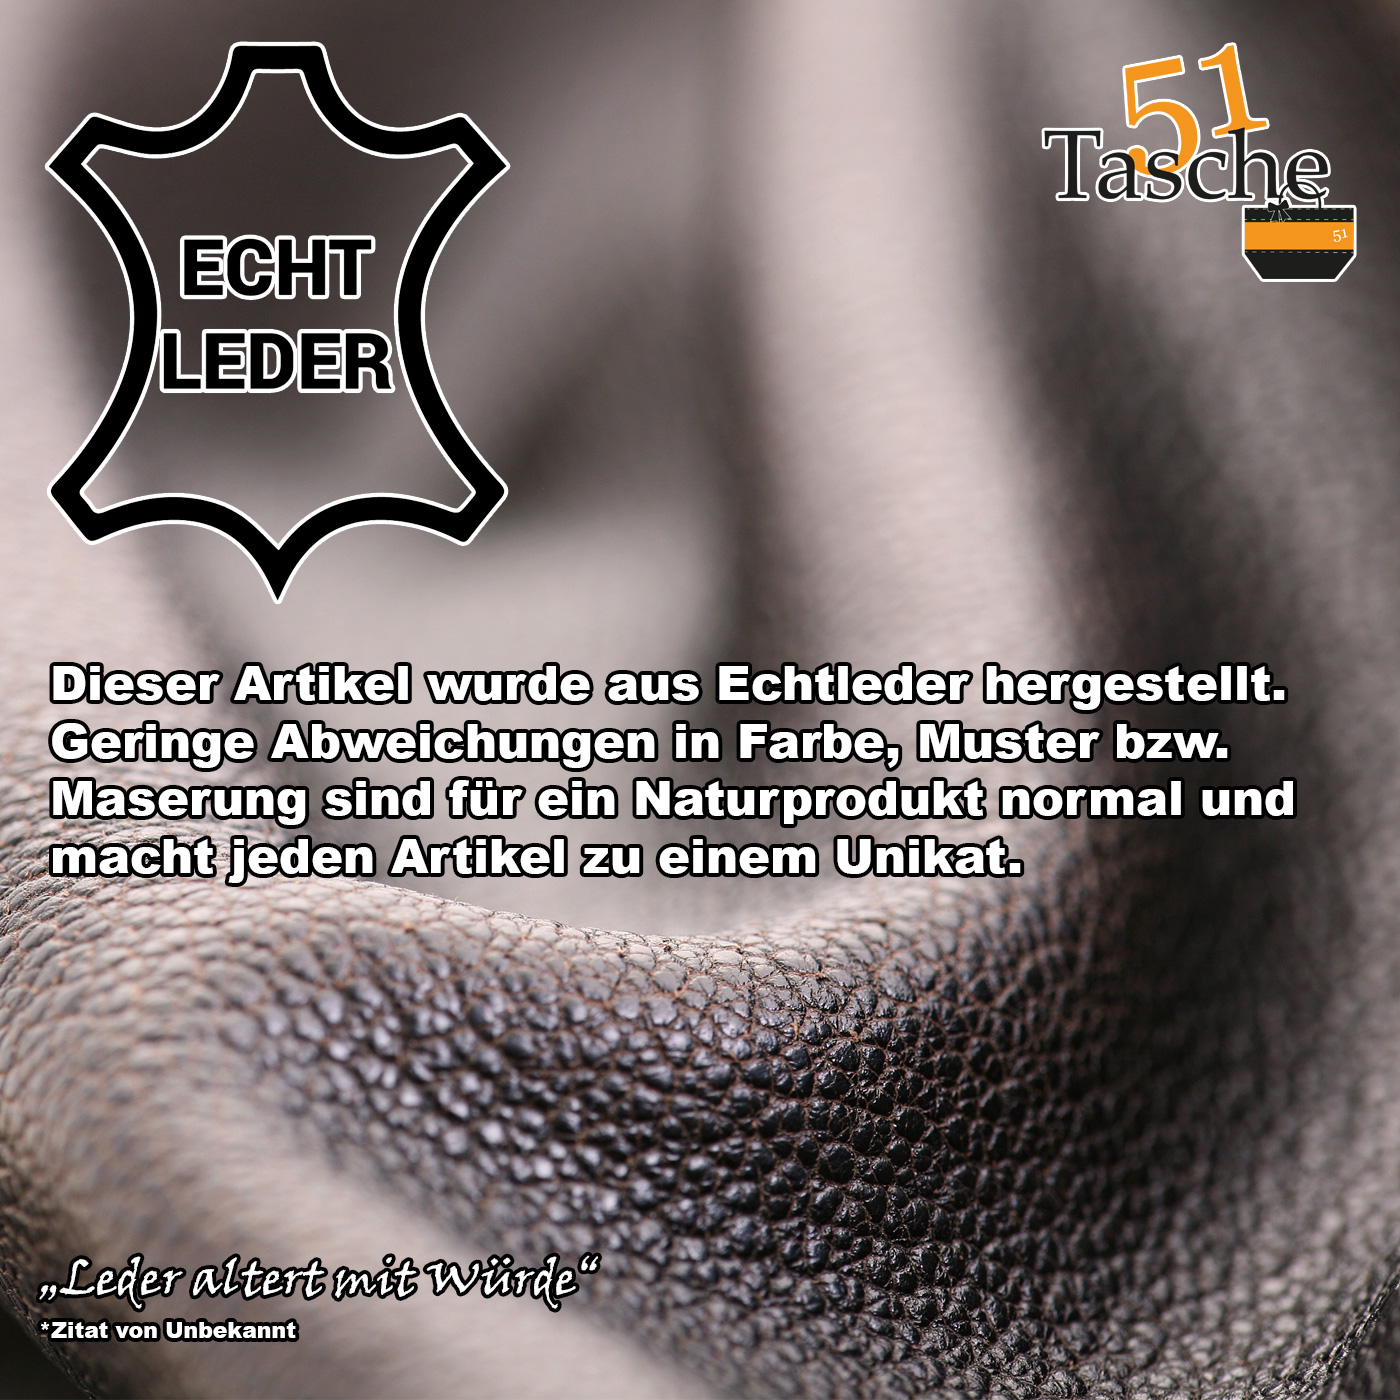 Echt-Leder-Herren-Damen-Umhaengetasche-Tasche-RFID-Schutz-Schultertasche-Umhaenger Indexbild 23